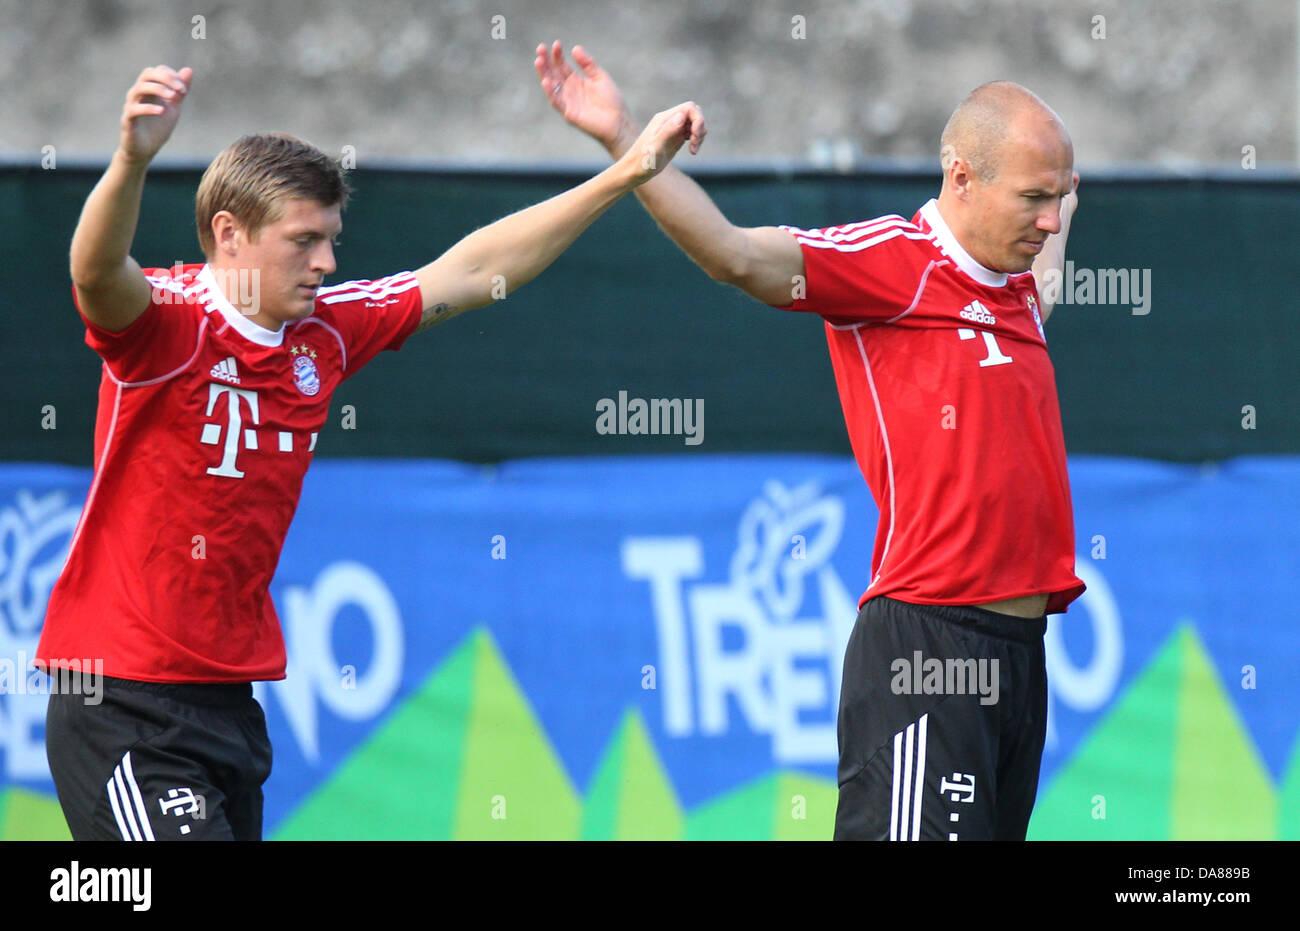 Bayerns Toni Kroos (l) und Arjen Robben trainieren am 07.07.2013 im italienischen Arco. Der Bundesligist bereitet - Stock Image